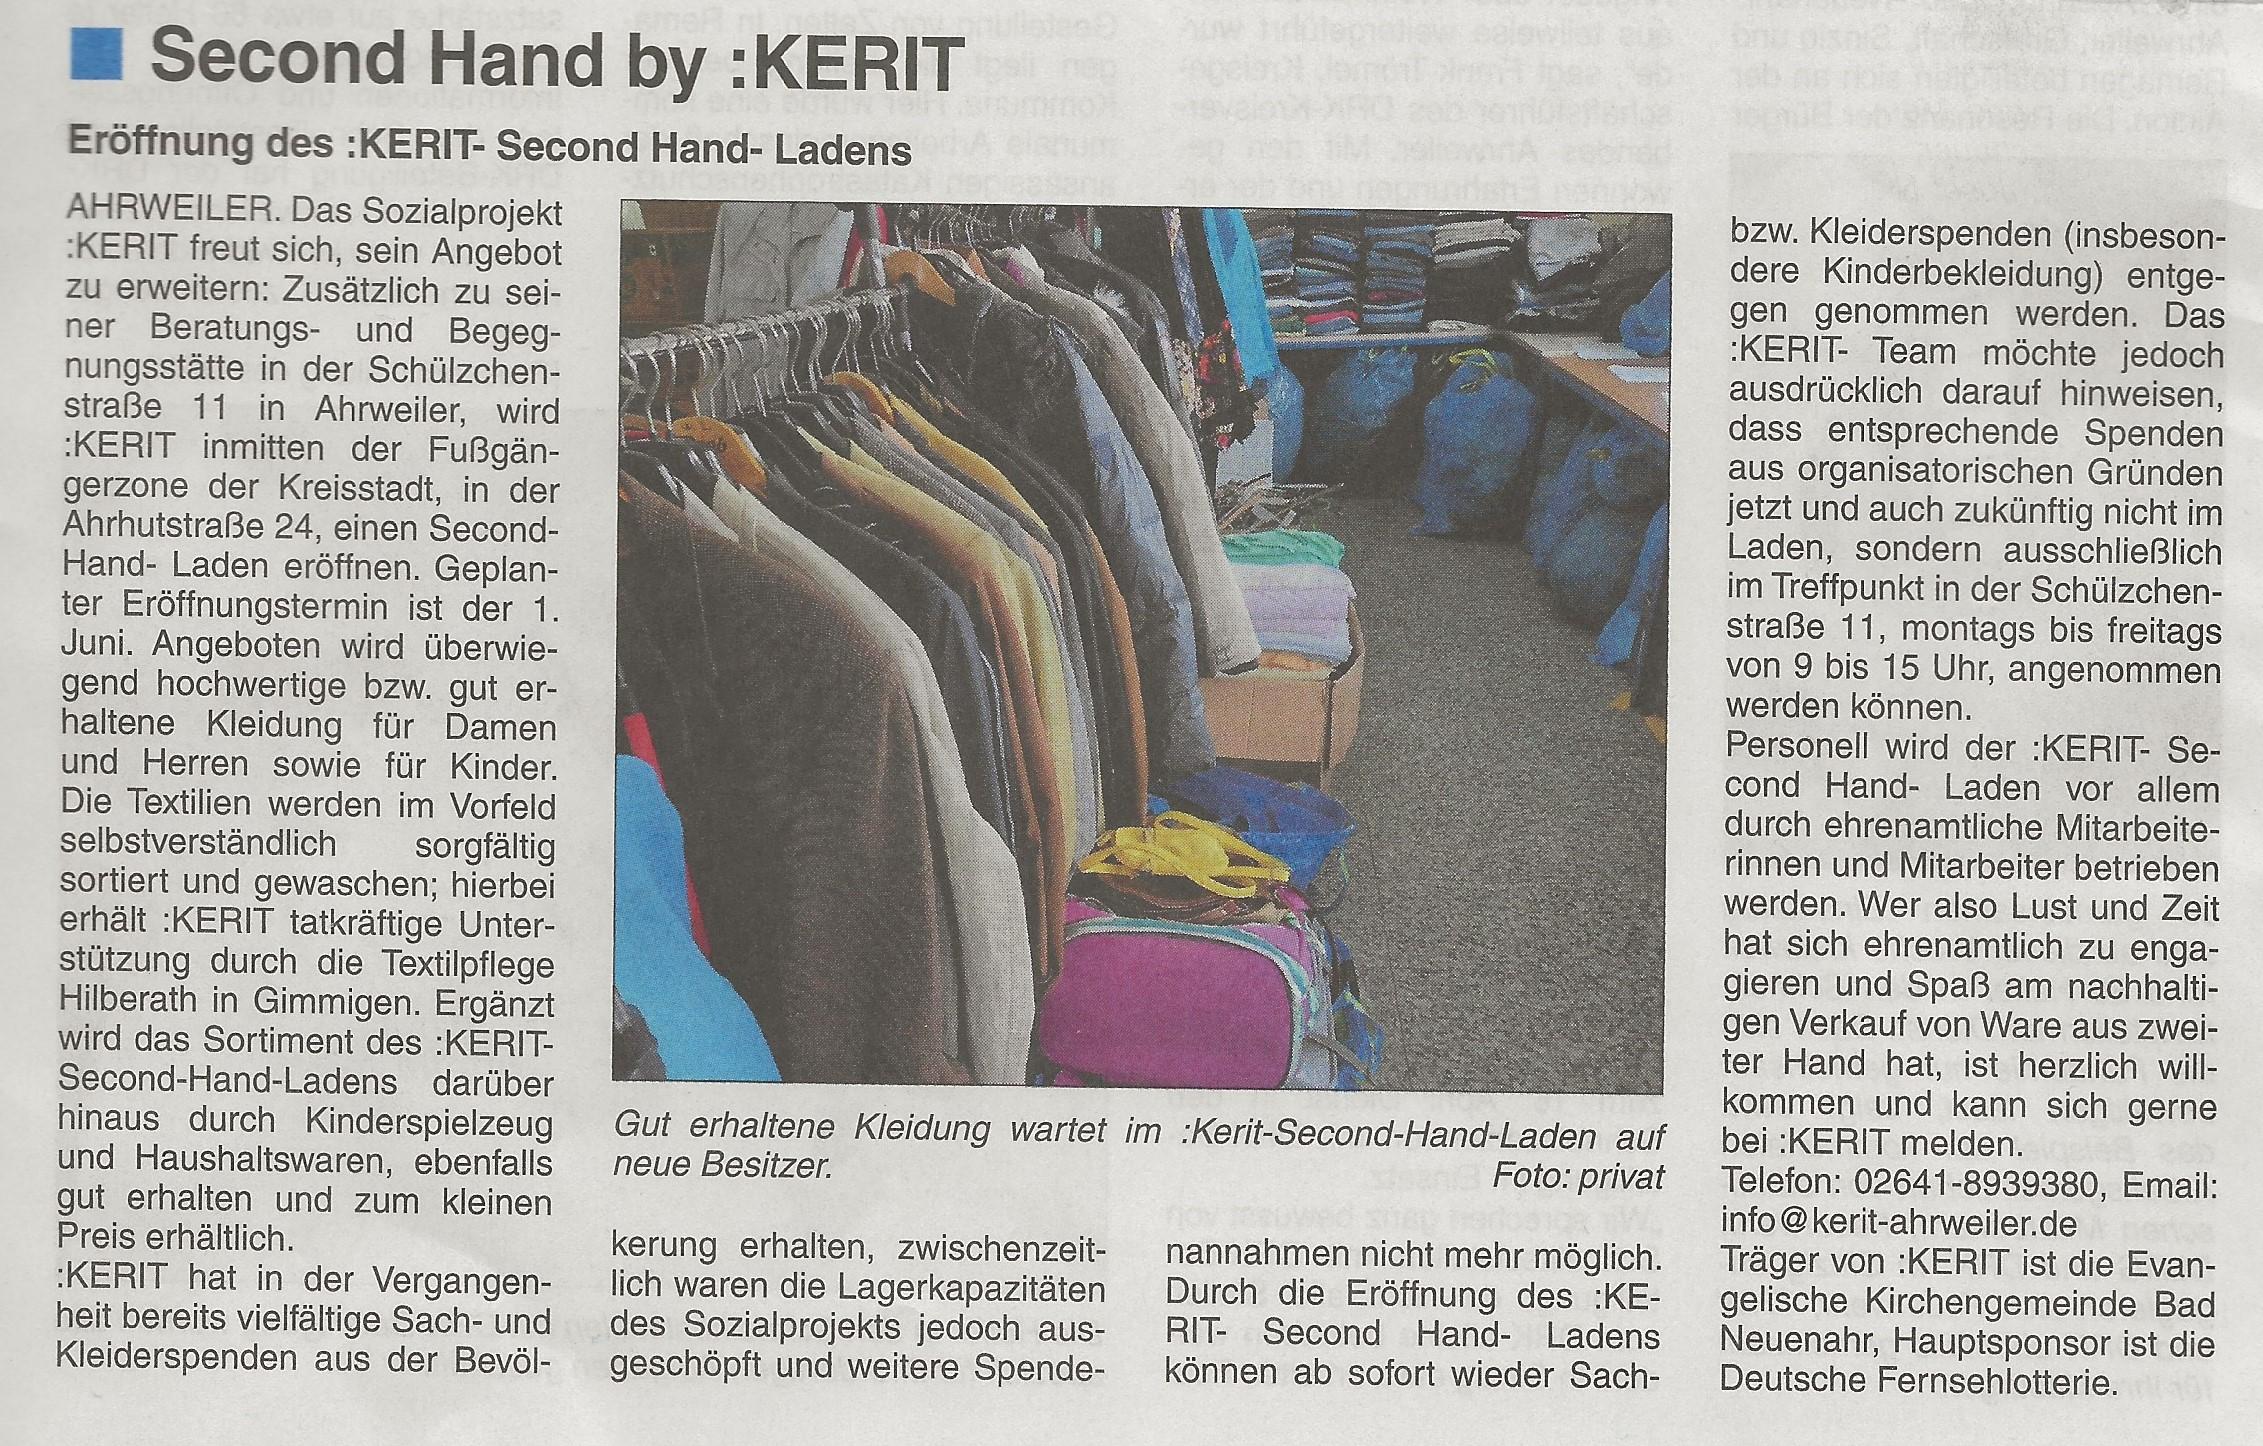 Second-Hand-Laden von :KERIT eröffnet am 01.06.2021